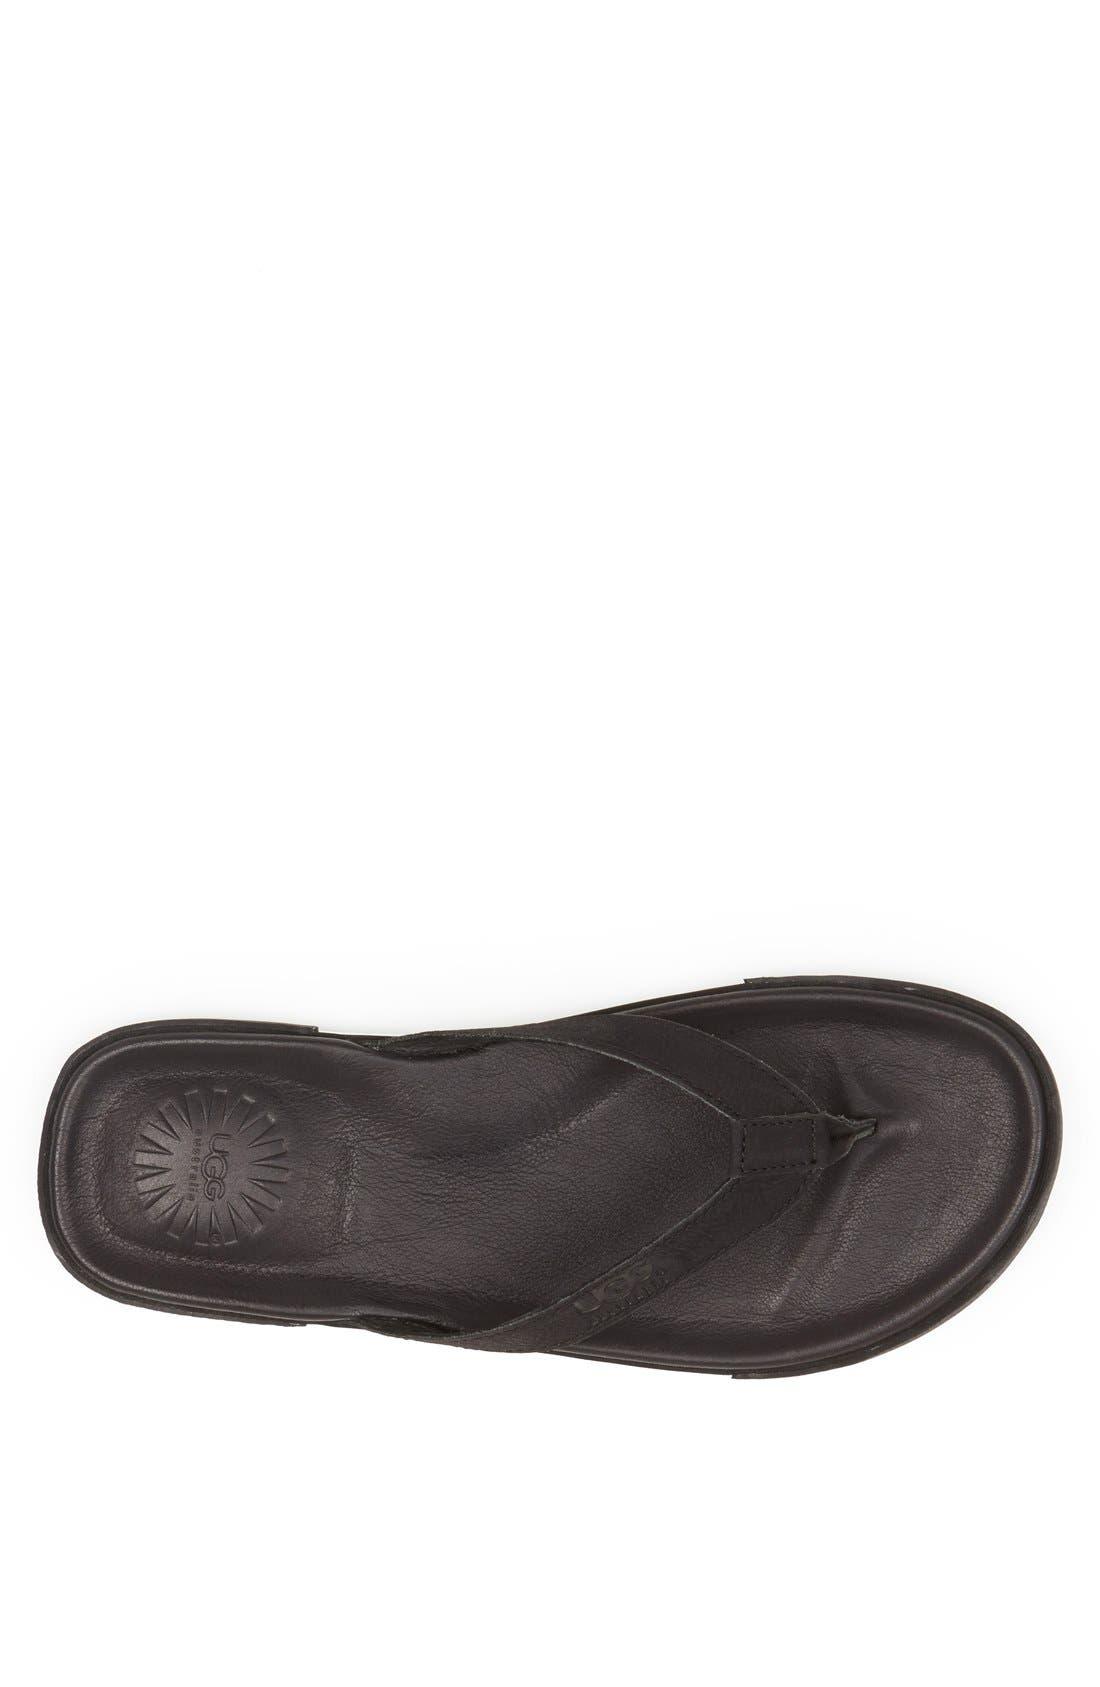 Alternate Image 3  - UGG® 'Bennison II' Flip Flop (Men)